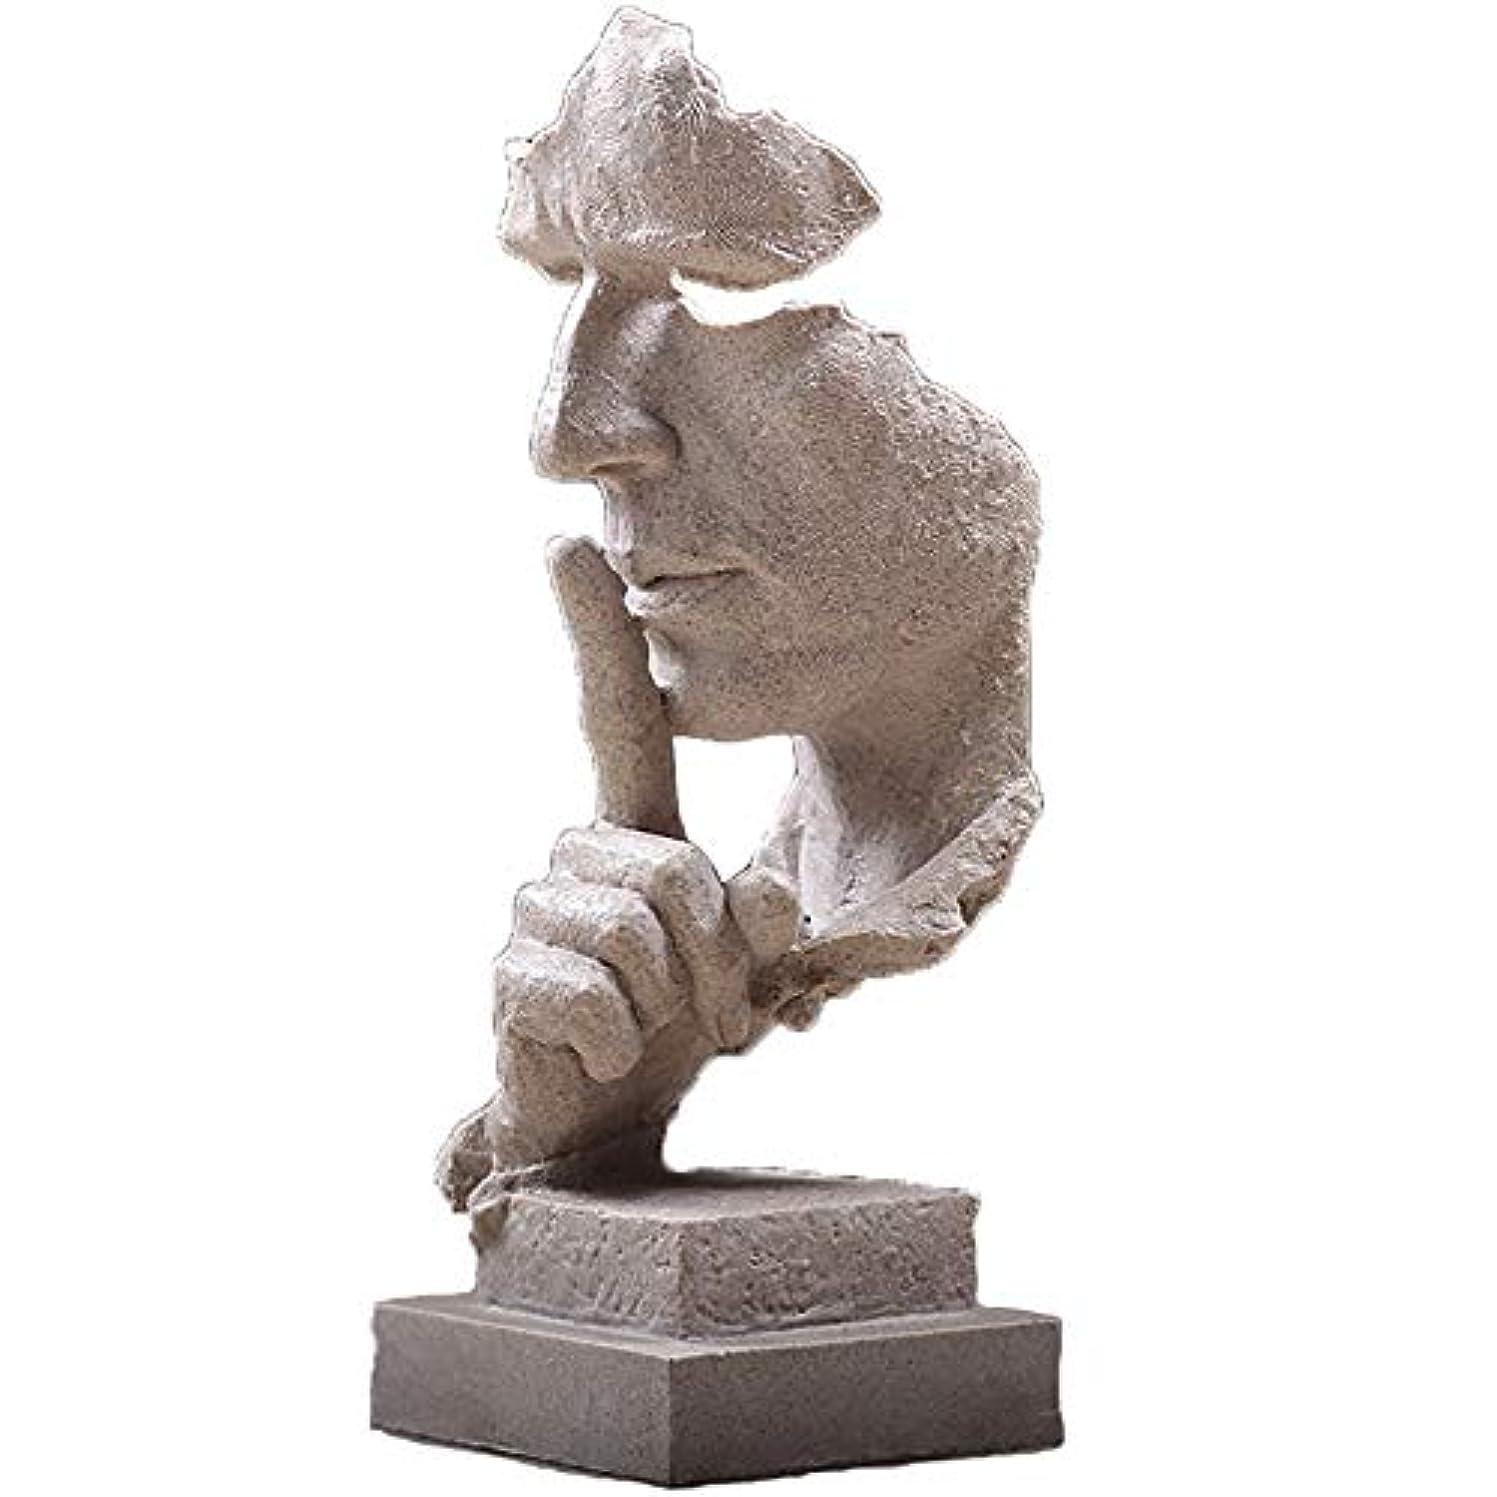 花火分子常習者樹脂抽象彫刻沈黙はゴールデン男性像キャラクター工芸品装飾用オフィスリビングルームアートワーク,White